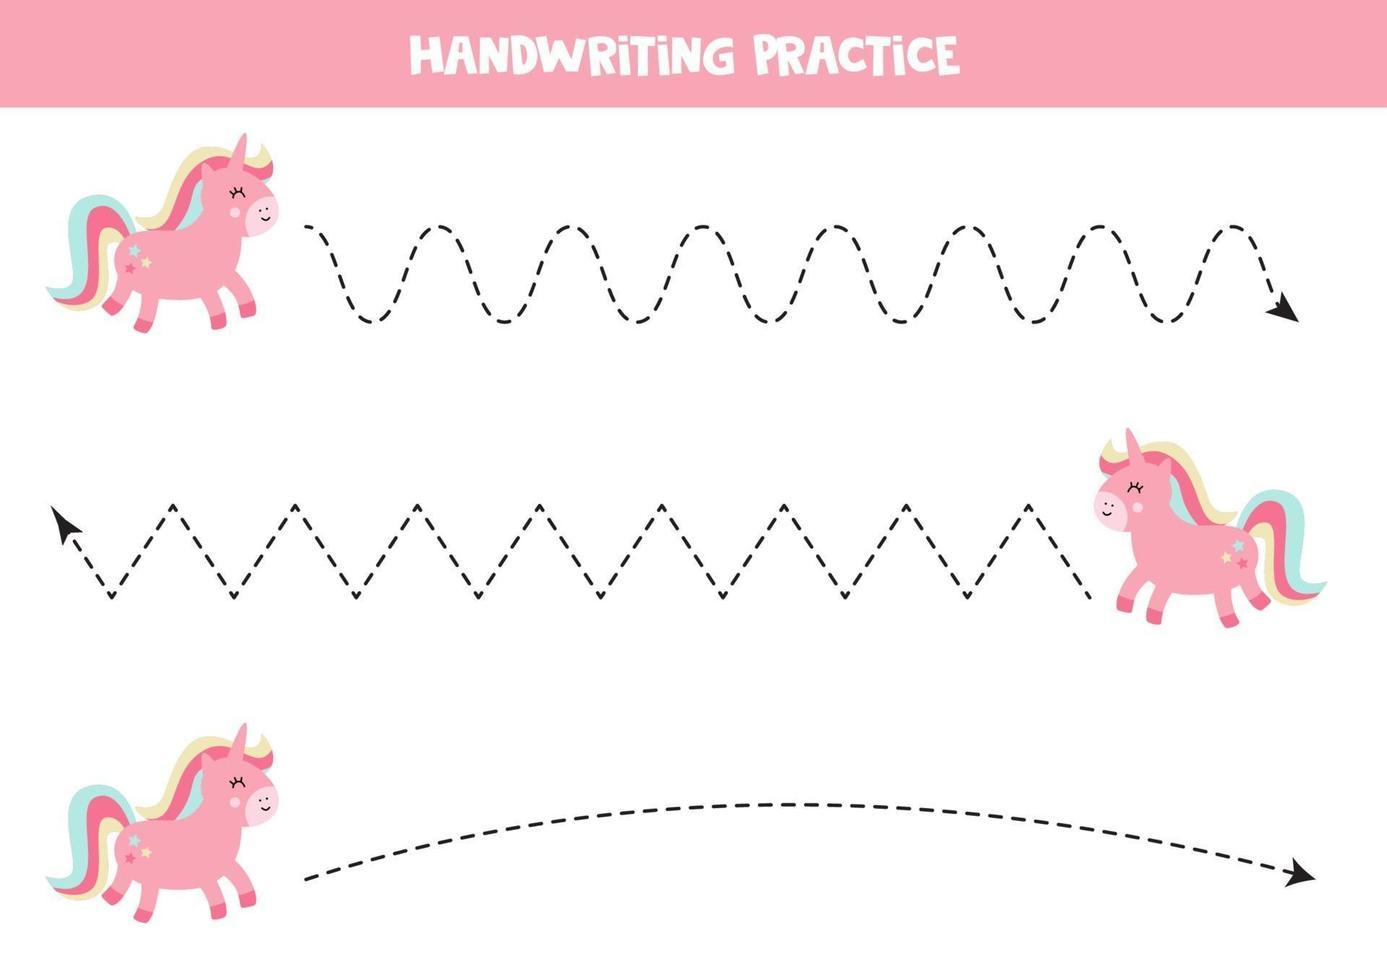 tracciando linee con unicorno simpatico cartone animato. pratica della scrittura a mano. vettore